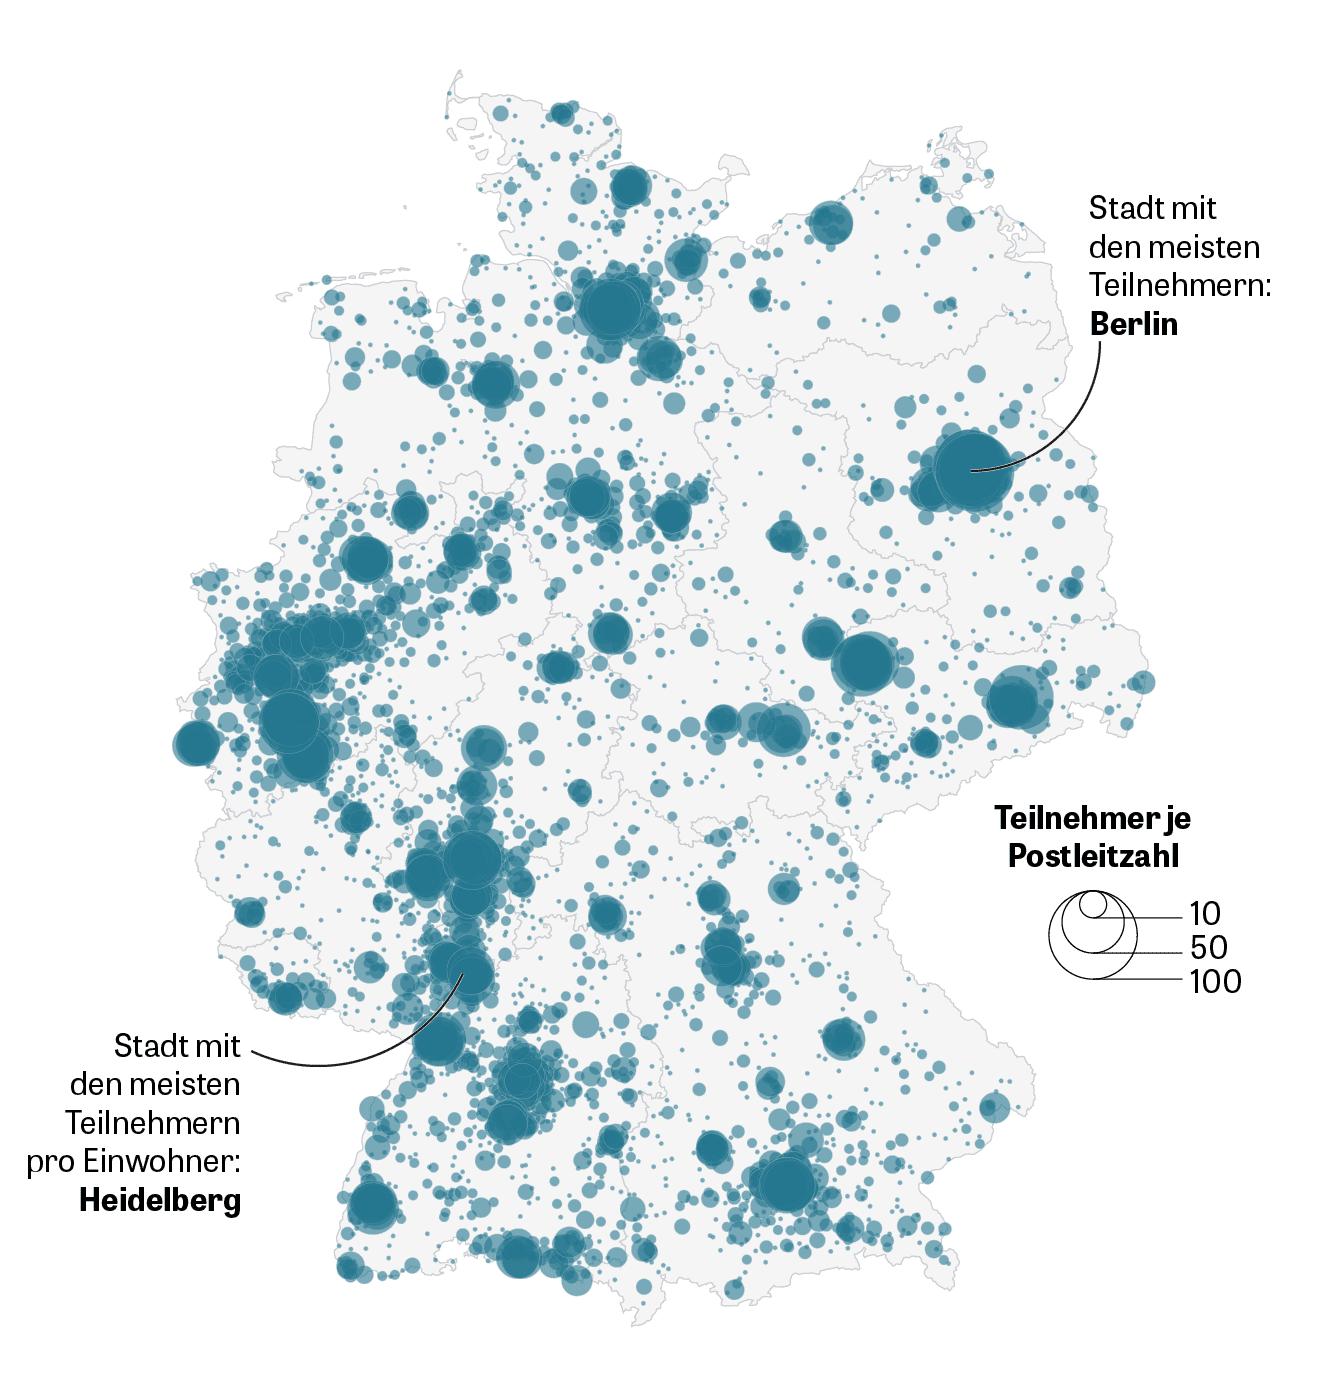 Deutschlandkarte mit den Wohnorten der Teilnehmer